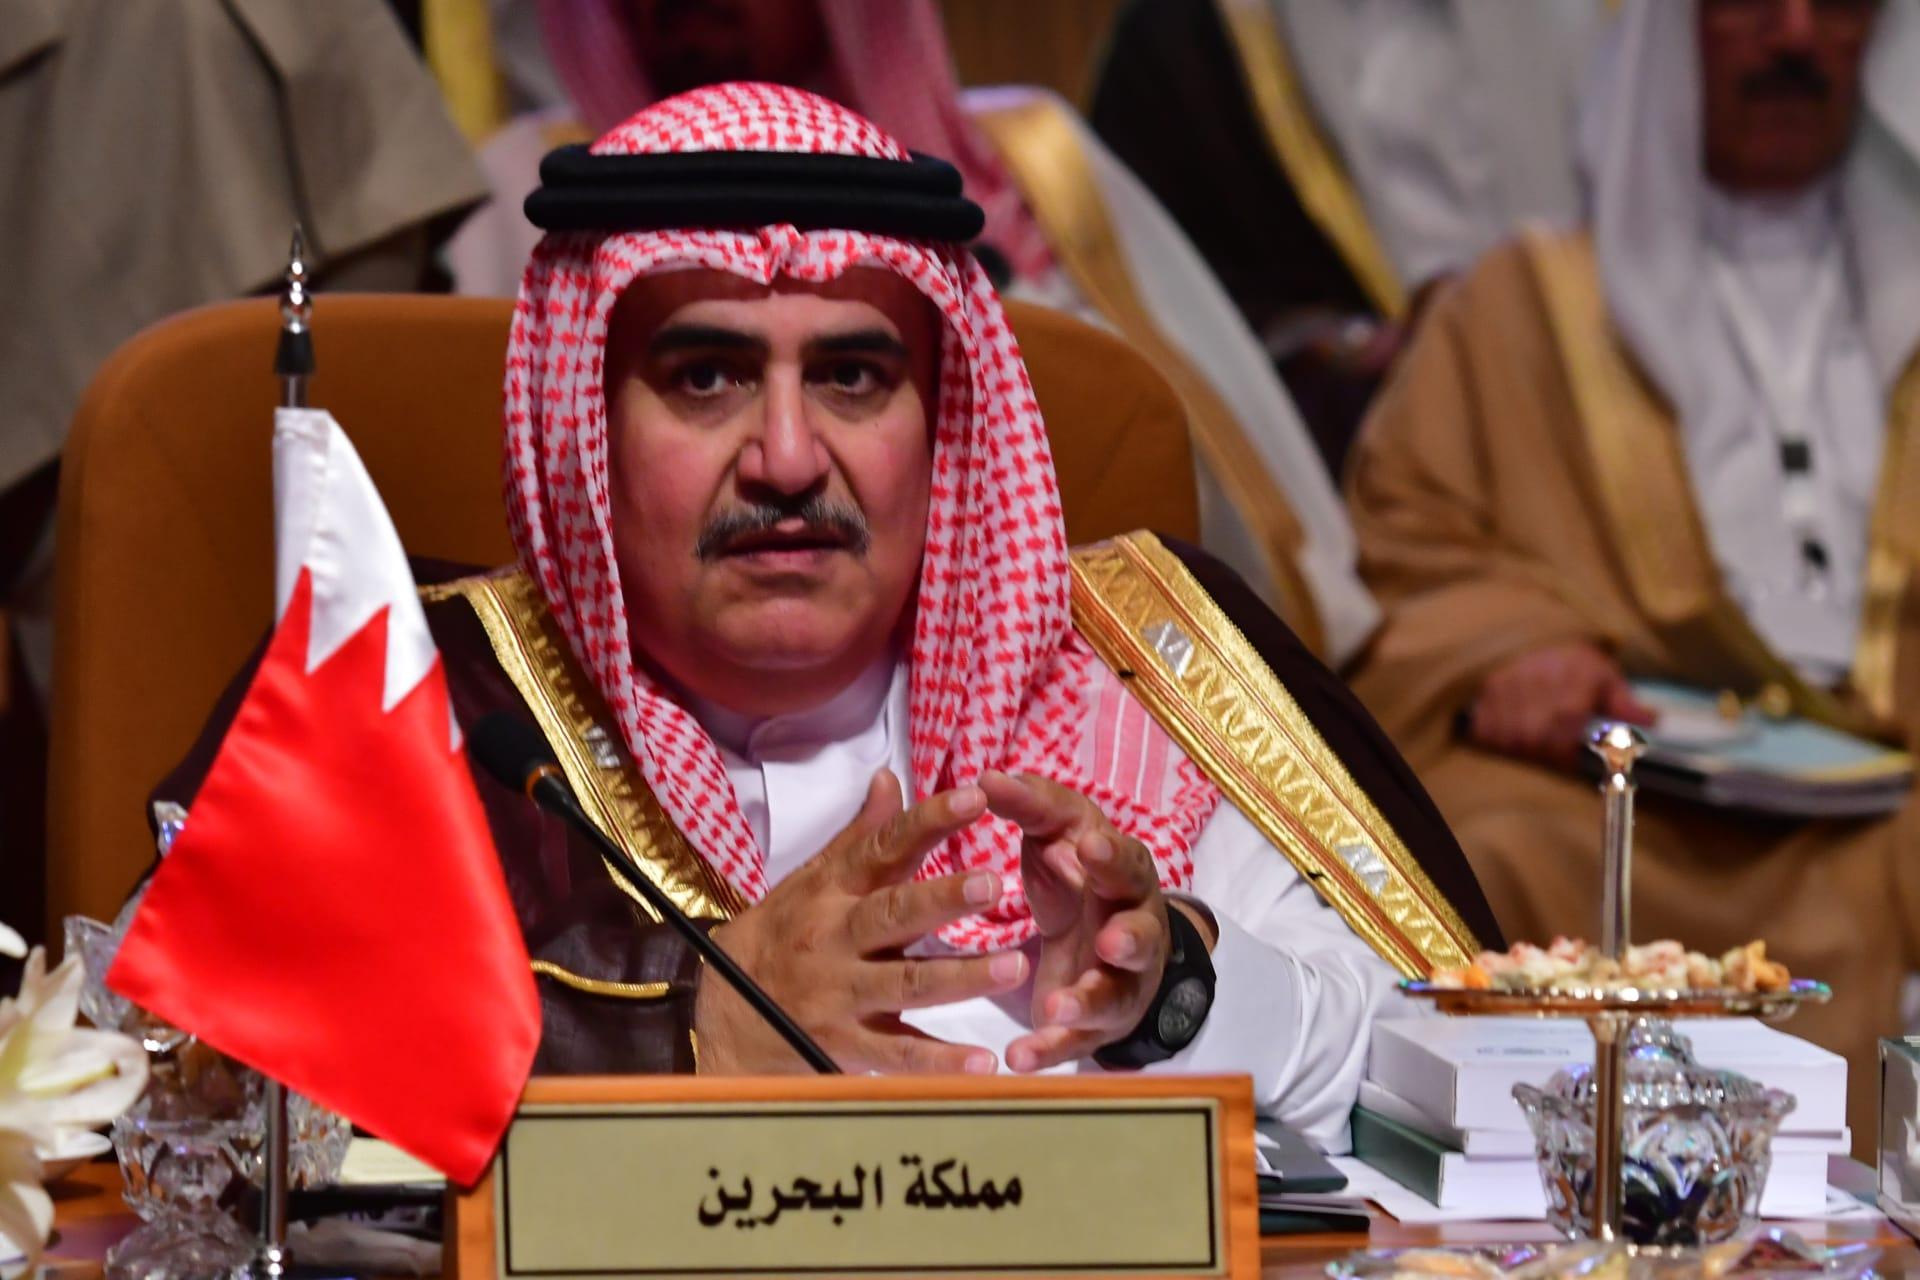 البحرين: زيارة ولي العهد السعودي تجسيد لخصوصية العلاقات الراسخة